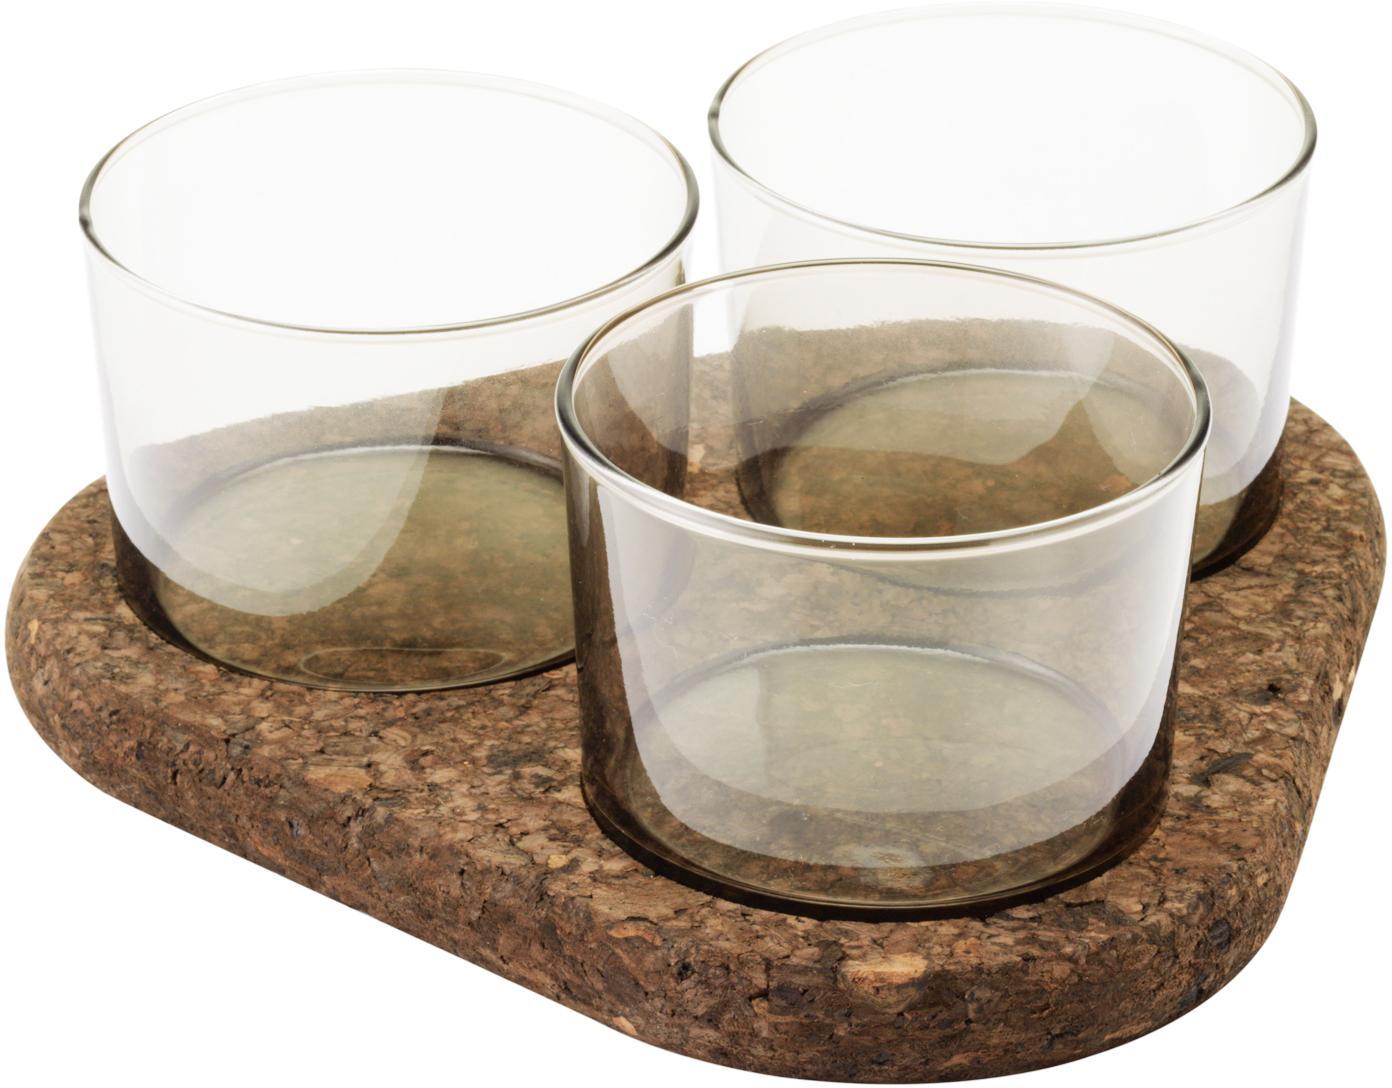 Serveerschaal set Raw, 4-delig, Glas, kurk, Transparant, bruin, Set met verschillende formaten